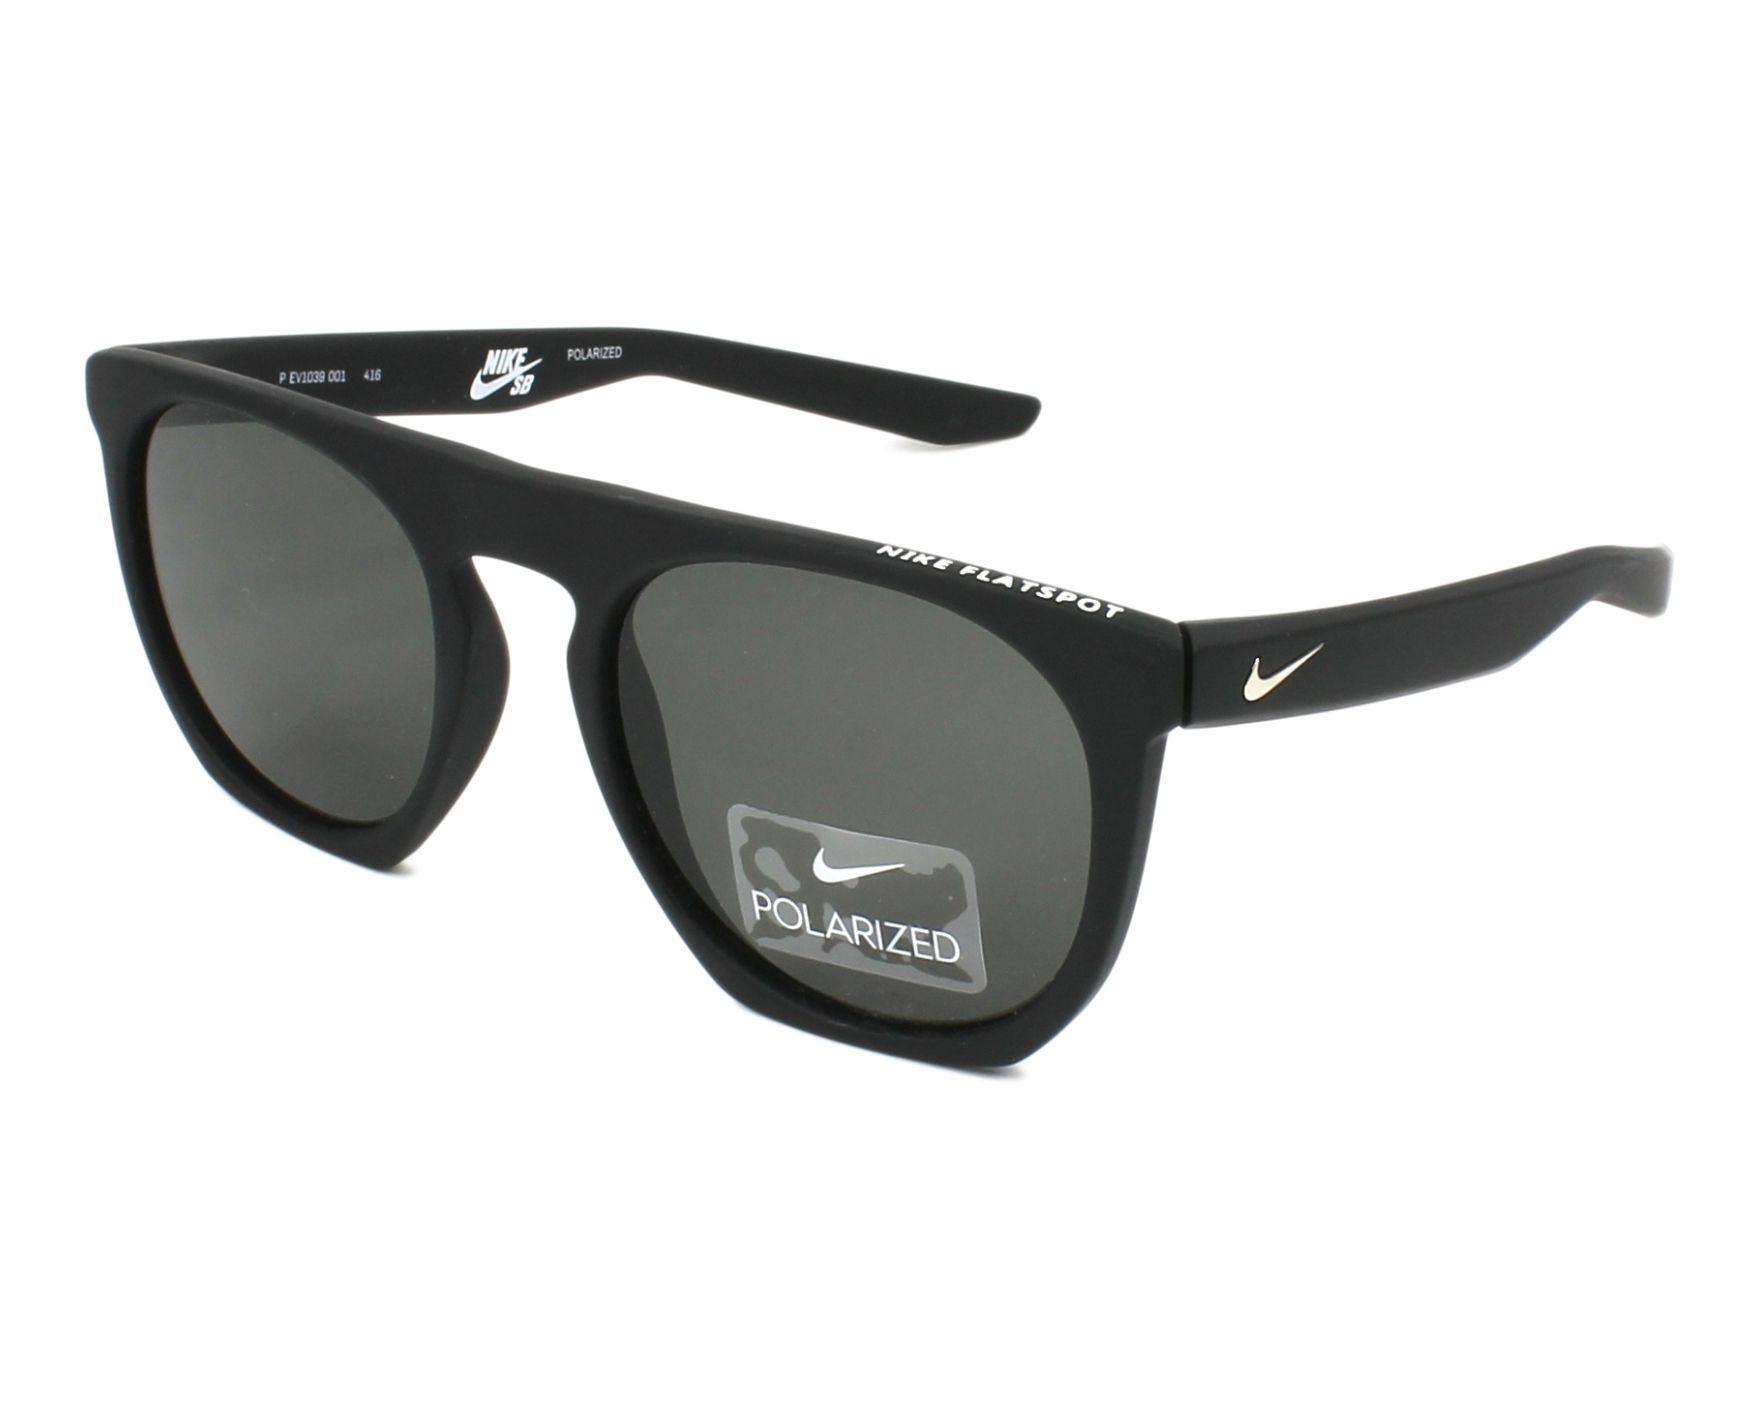 79bfc2a29e Gafas de sol Nike EV-1039 001 52-20 Negra vista de perfil